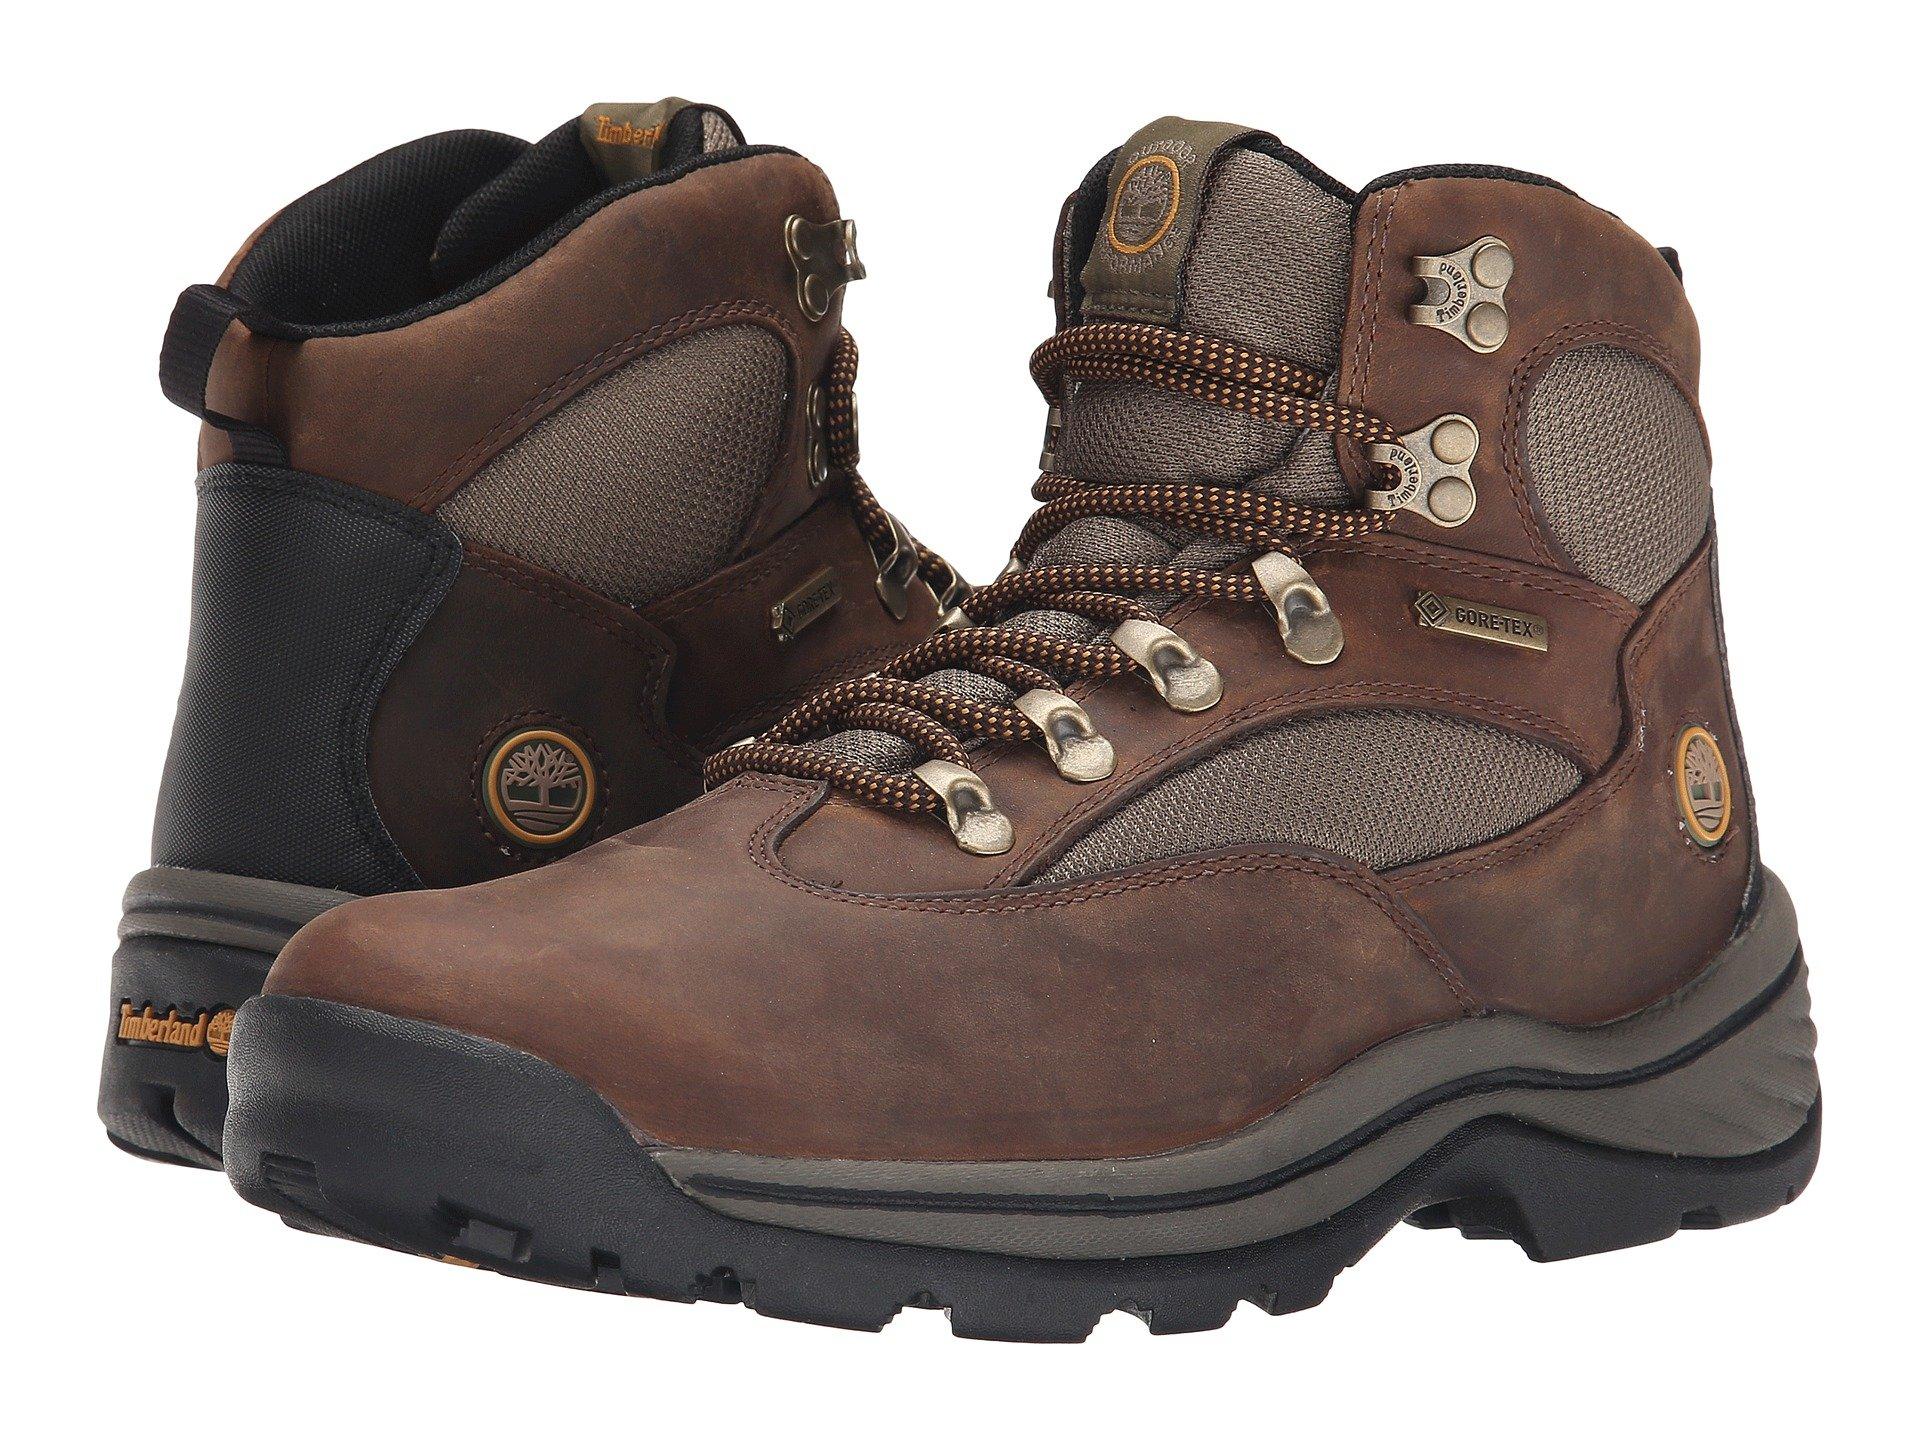 Timberland Women's Chocorua Trail Boot (7.5 B(M) US, Dark Brown)